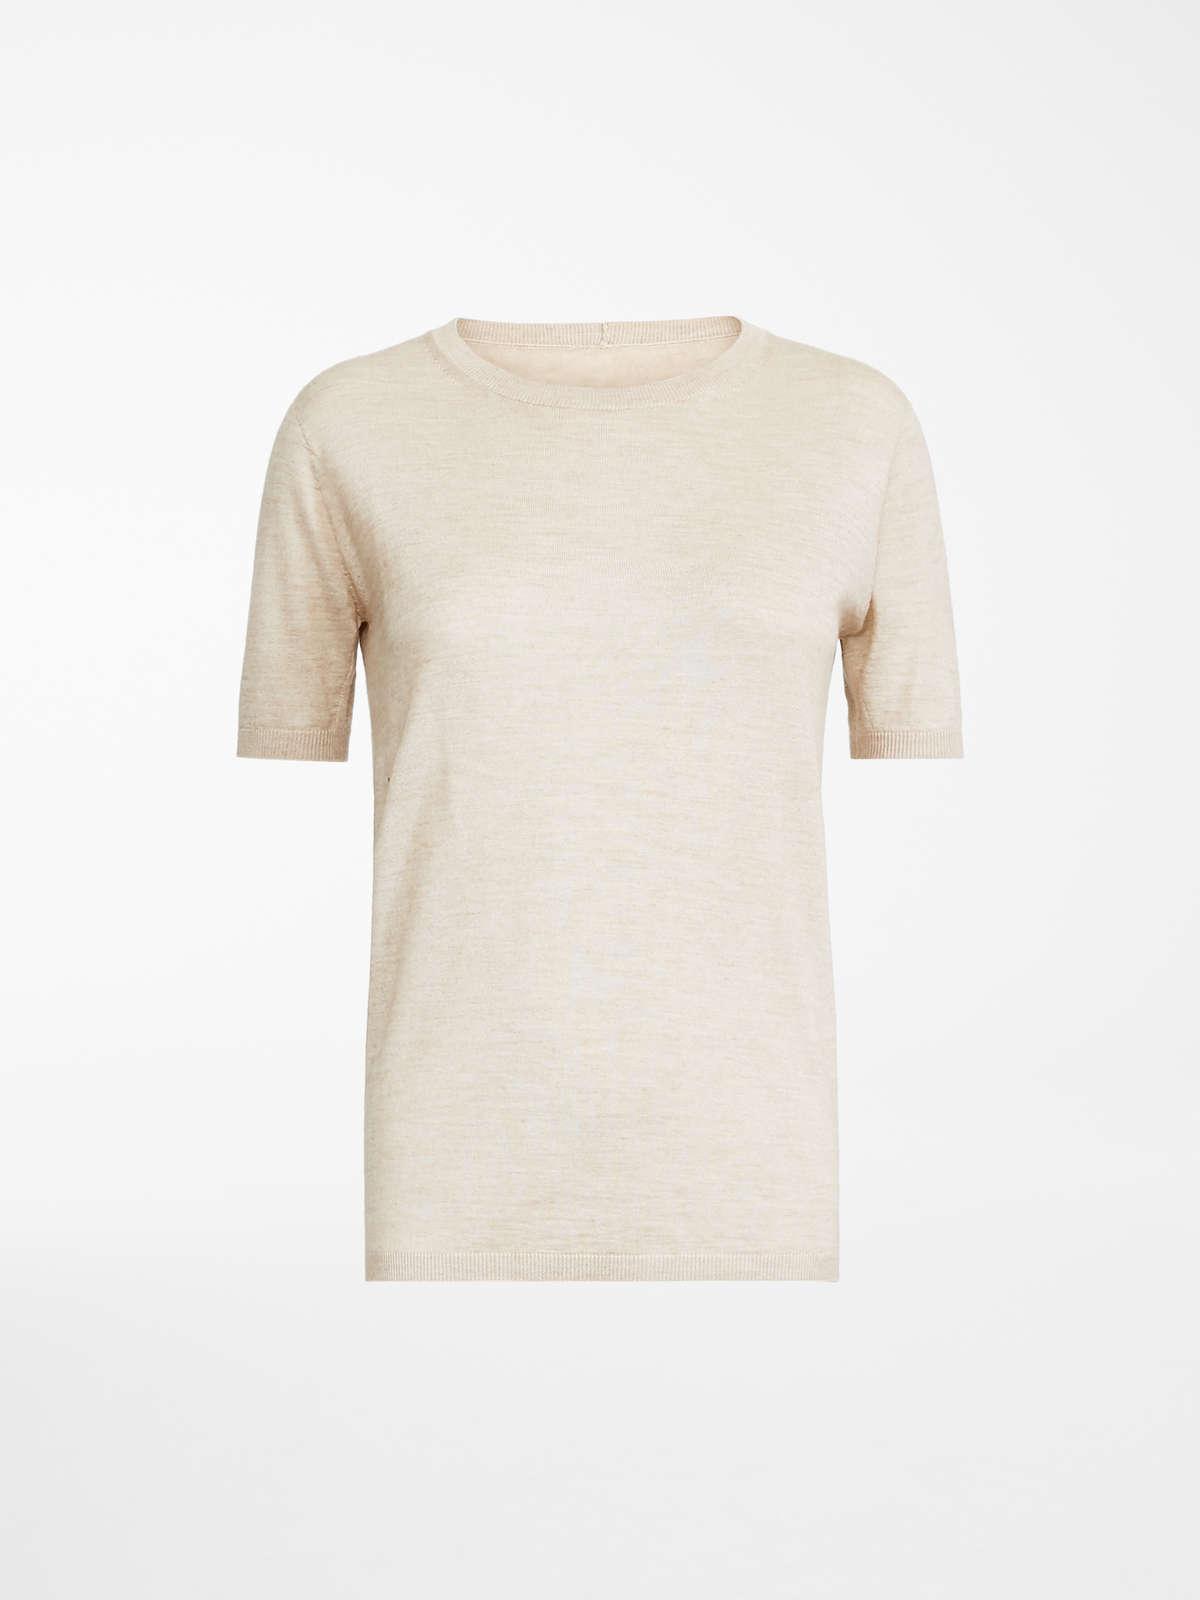 Max Mara - Camiseta en pelo de camello y seda - 8